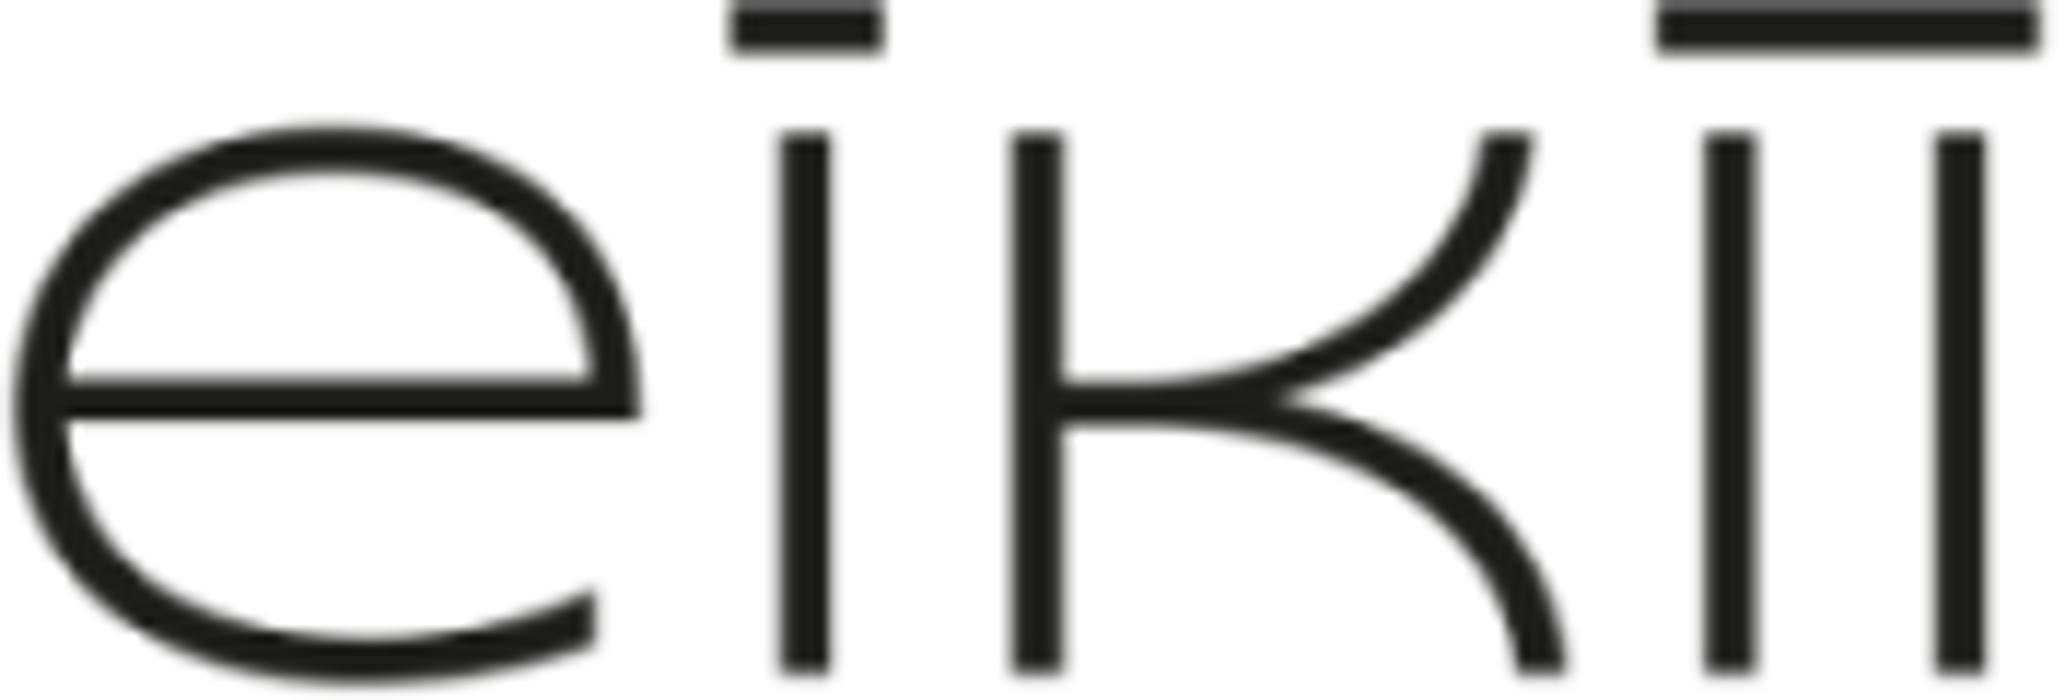 eikii - Bademode für brustlose Frauen